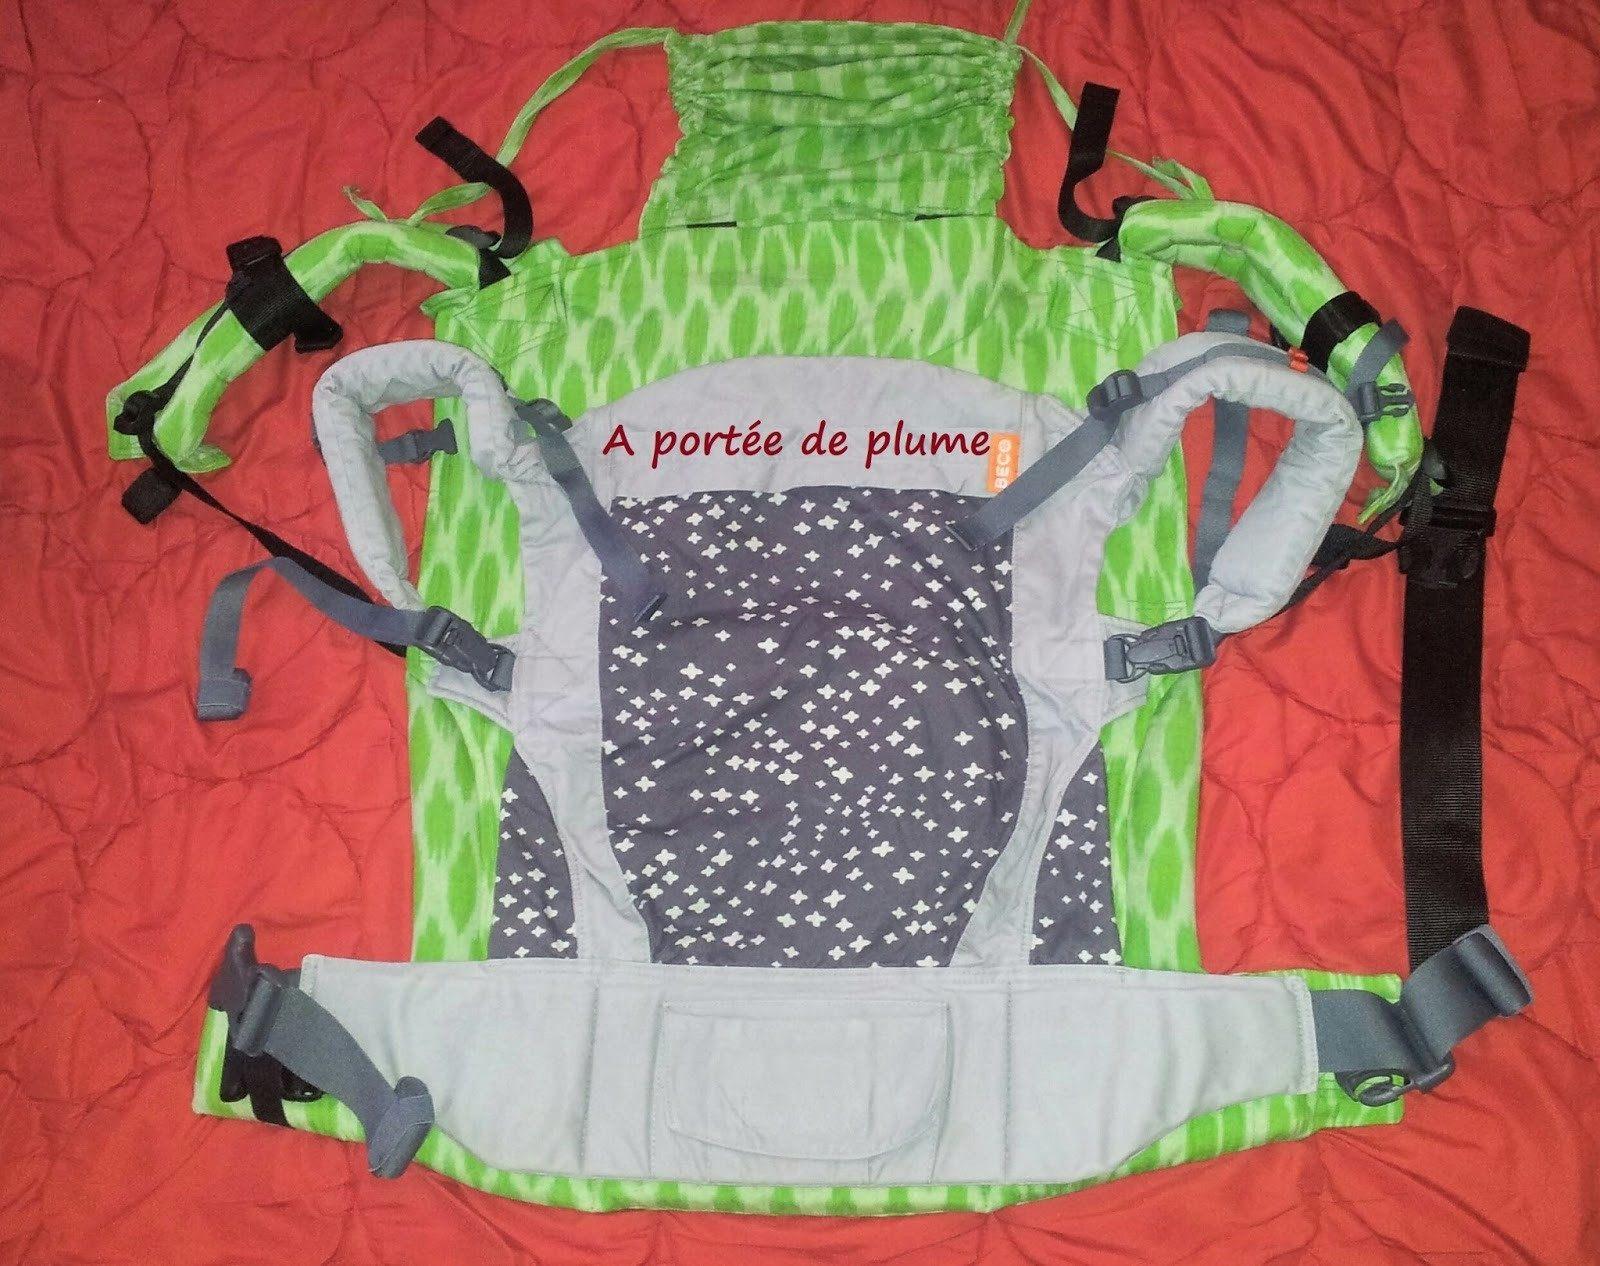 Lit Bébé Pliant En Bois Impressionnant Chaise Haute En Bois Bébé Parc B C3 A9b C3 A9 Gris Parer 100